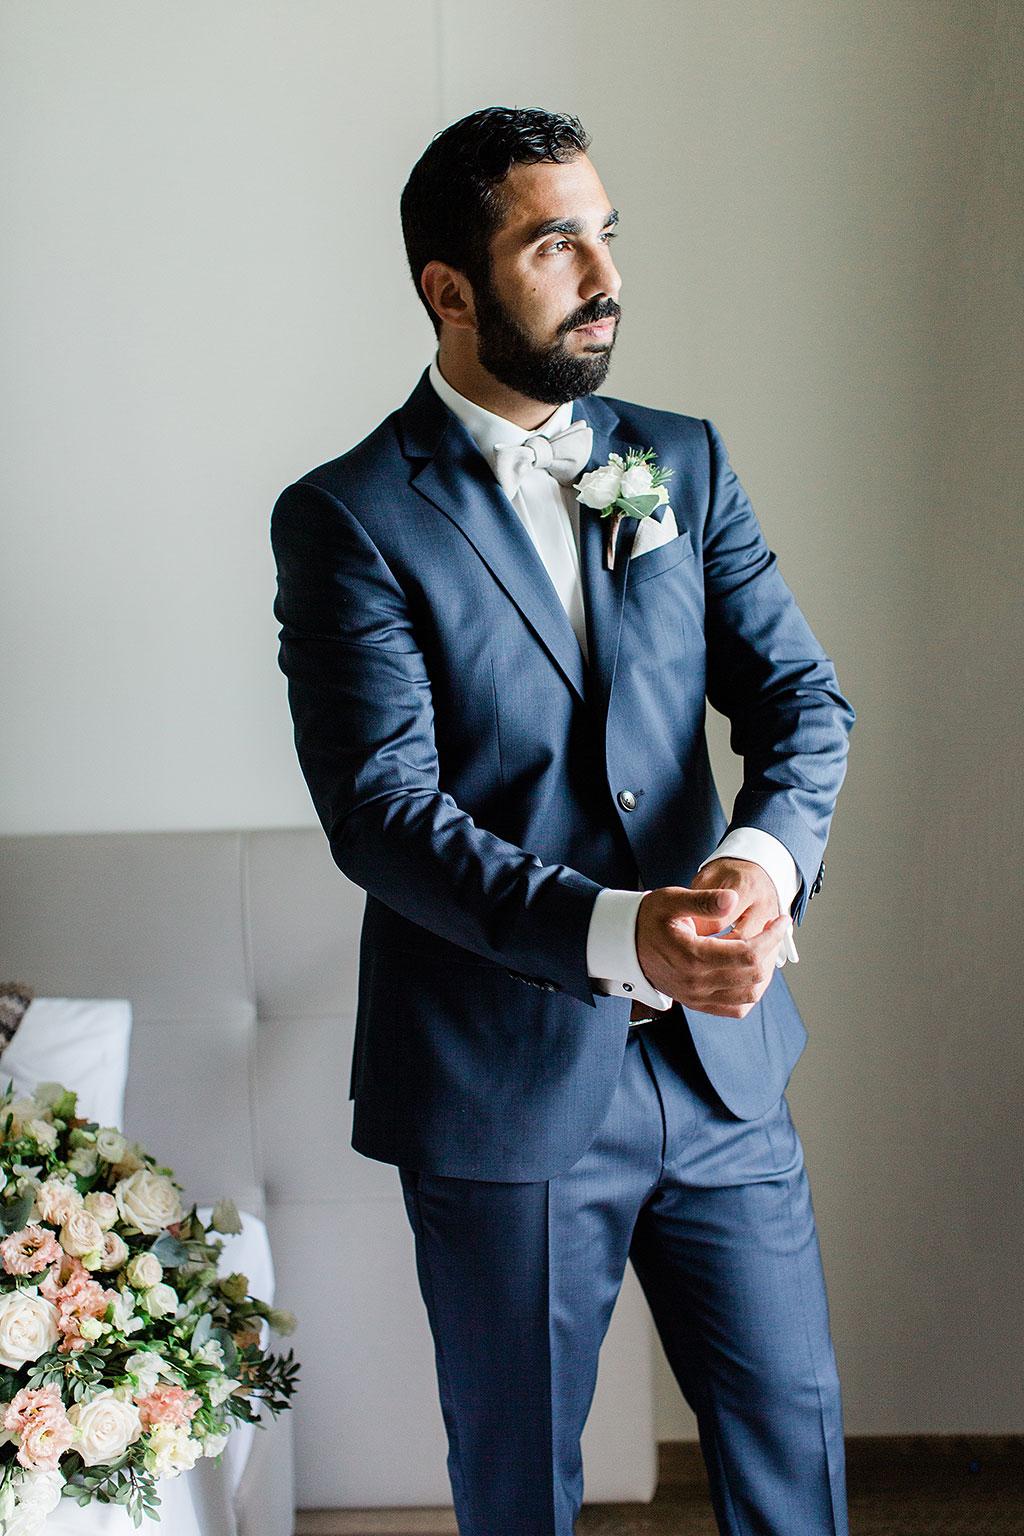 Φωτογραφία γάμου Χαλκιδική, George Kostopoulos Fine Art Wedding Photography, Προετοιμασία γαμπρού